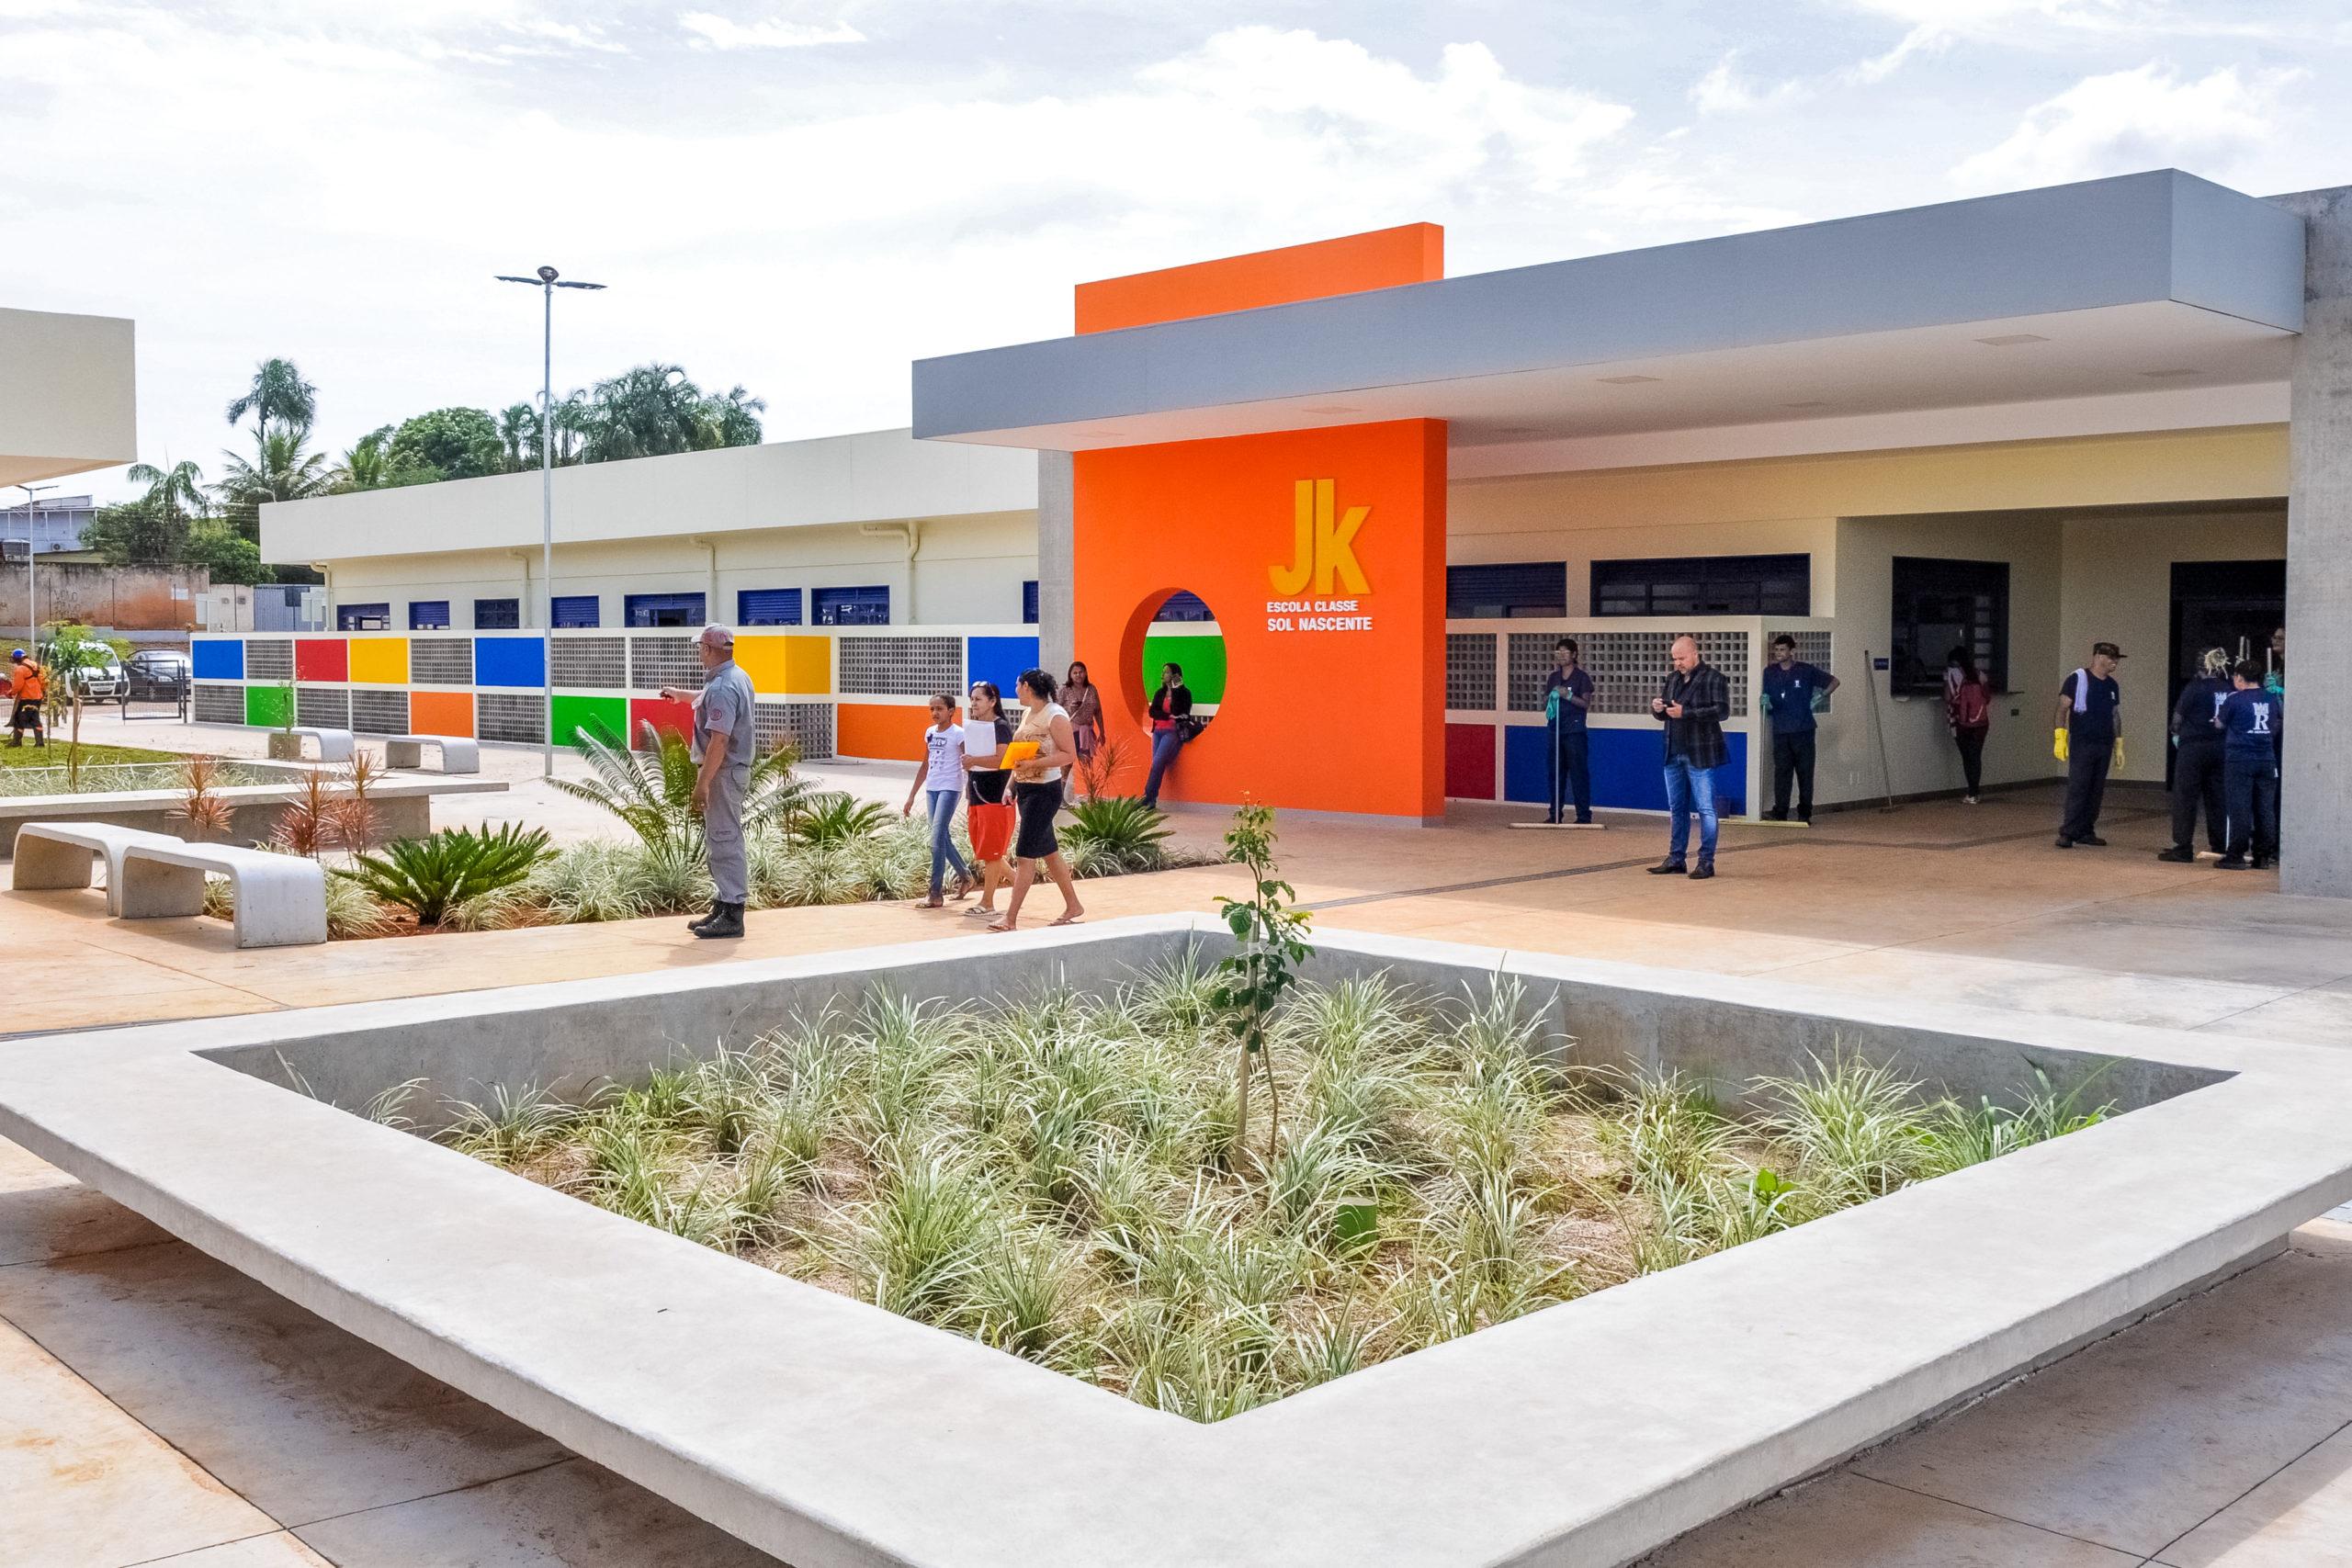 PARA MAIS DE 900 ALUNOS | Comunidade do Sol Nascente comemora inauguração da Escola Classe JK